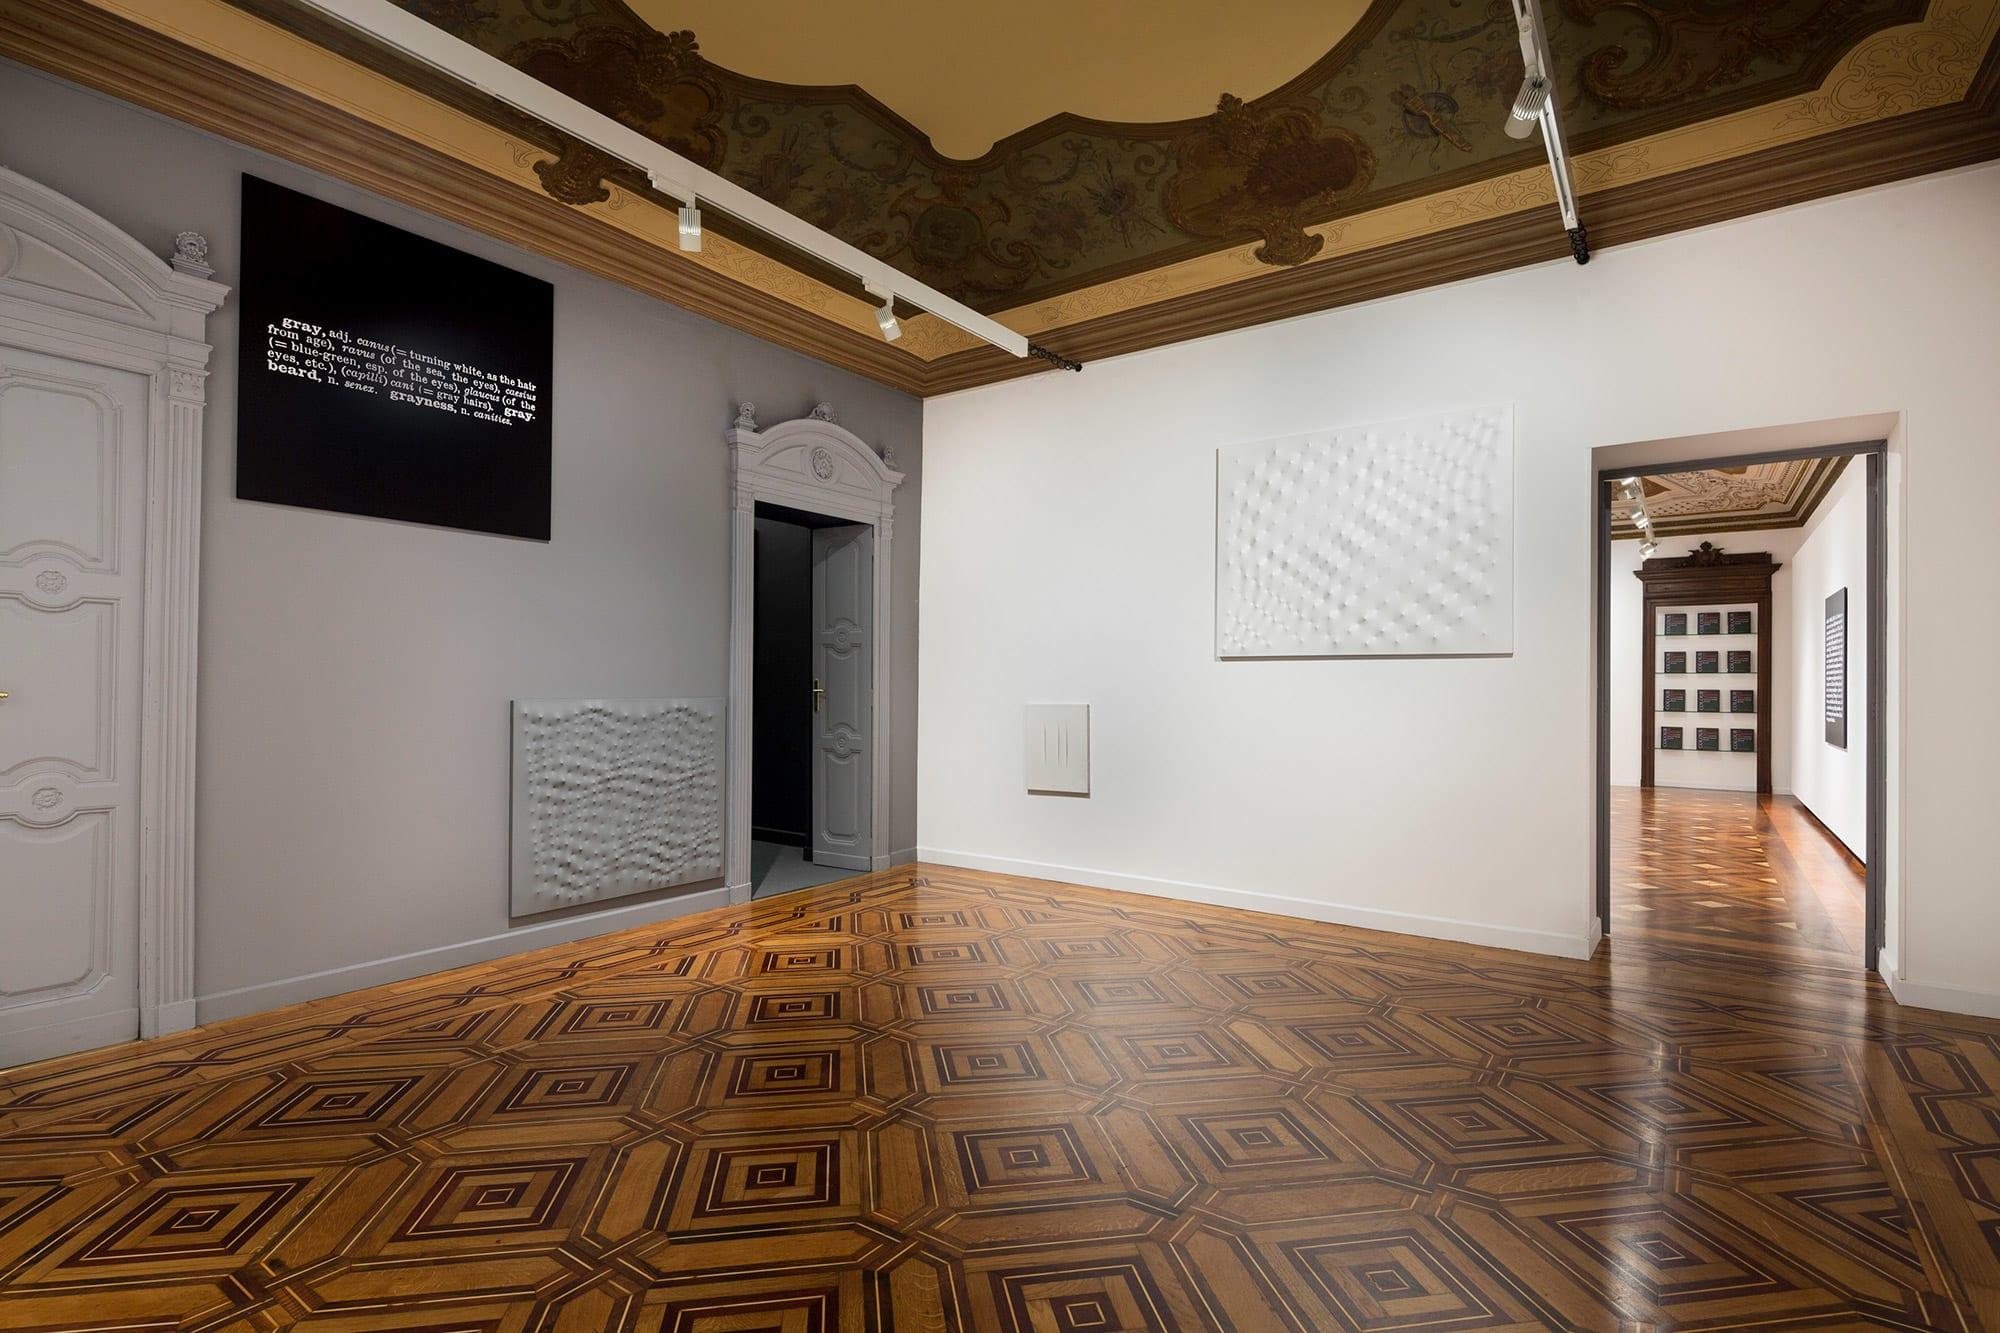 Joseph Kosuth | Colour in Contextual Play | Galleria Mazzoleni